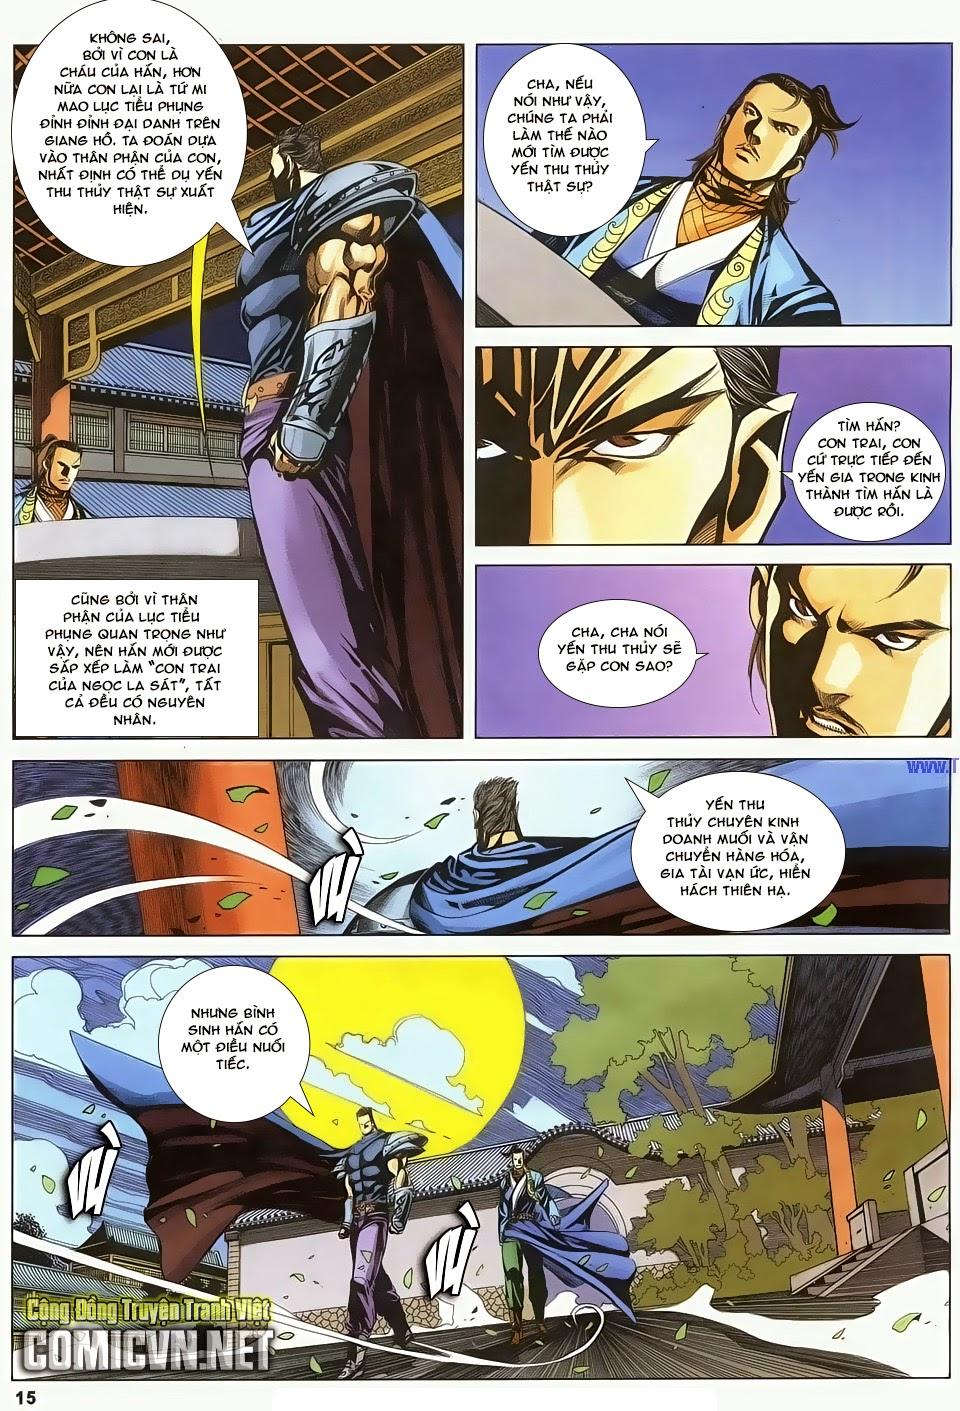 Cổ Long Quần Hiệp Truyện chap 83 - Trang 15